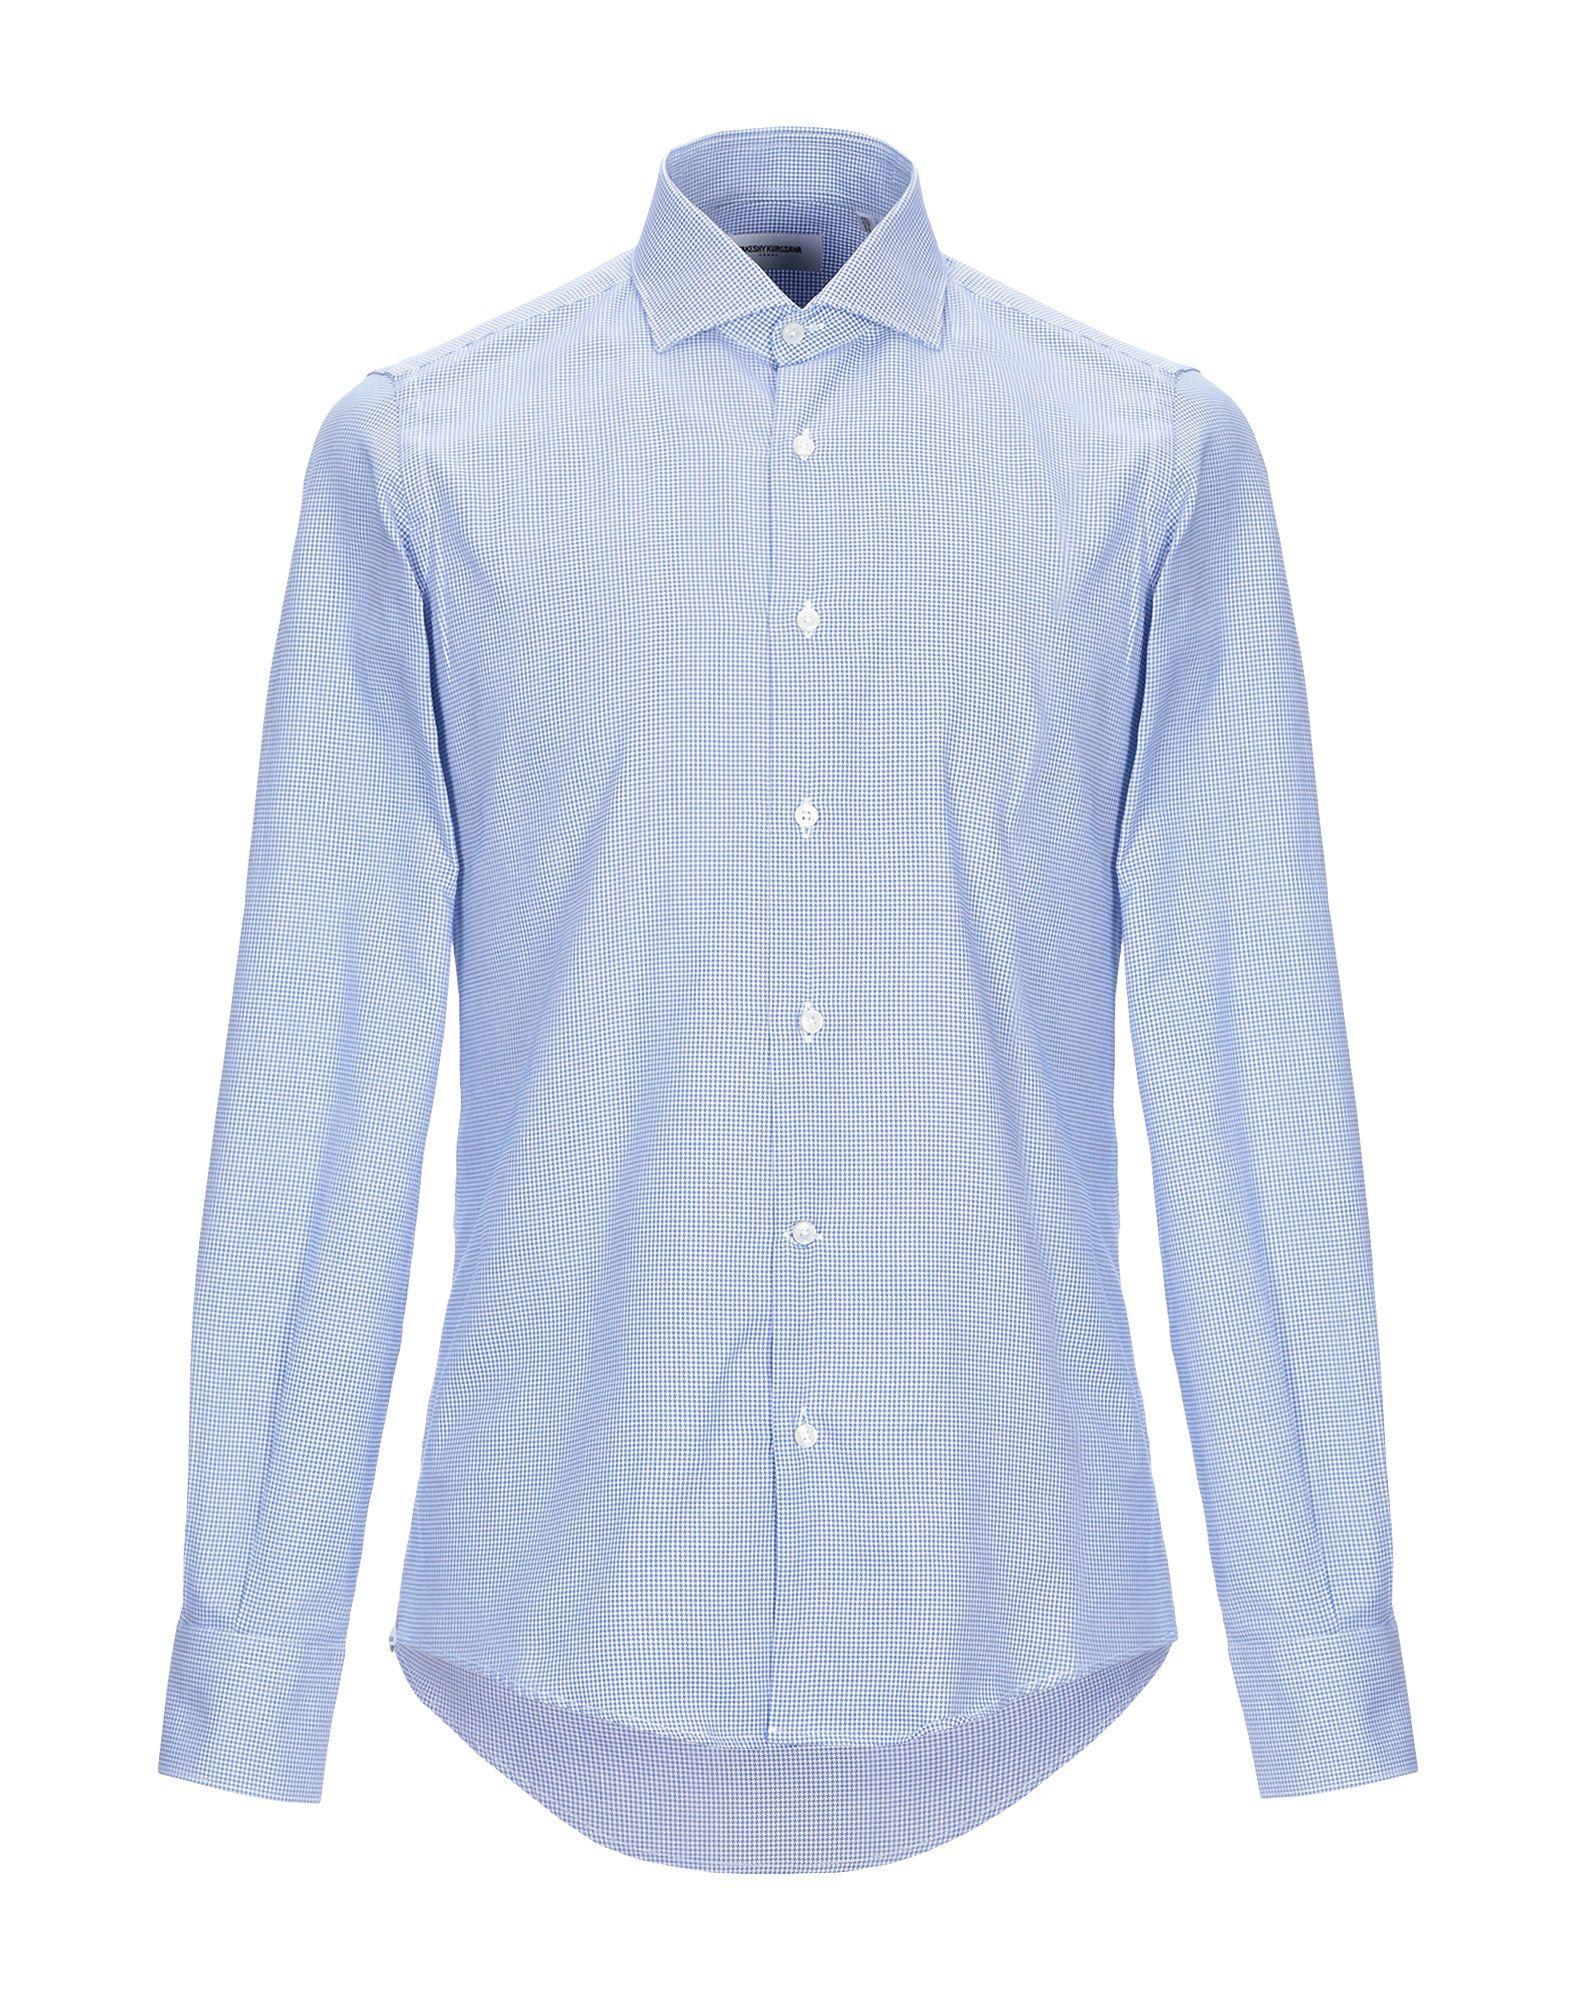 Takeshy Kurosawa Cotton Shirt in Sky Blue (Blue) for Men ...